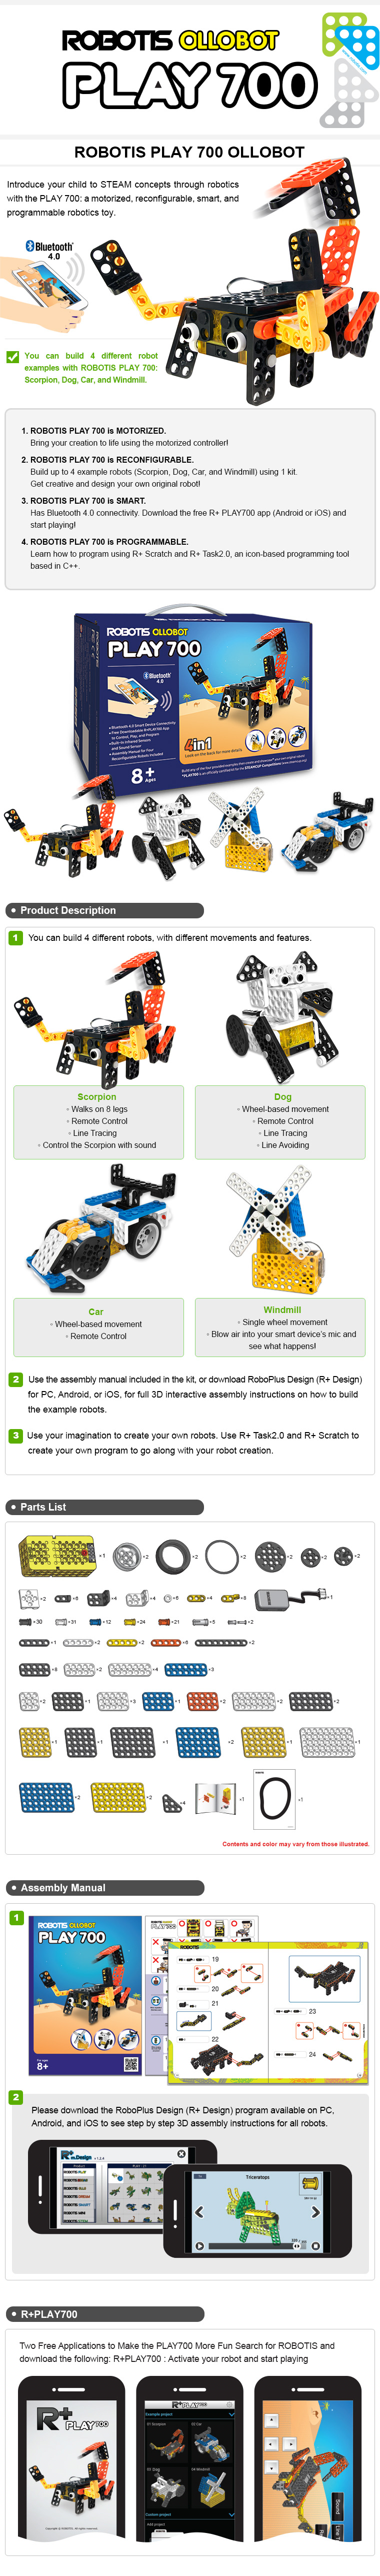 ROBOTIS_PLAY700_OLLOBOT_info_en_ver1702.jpg